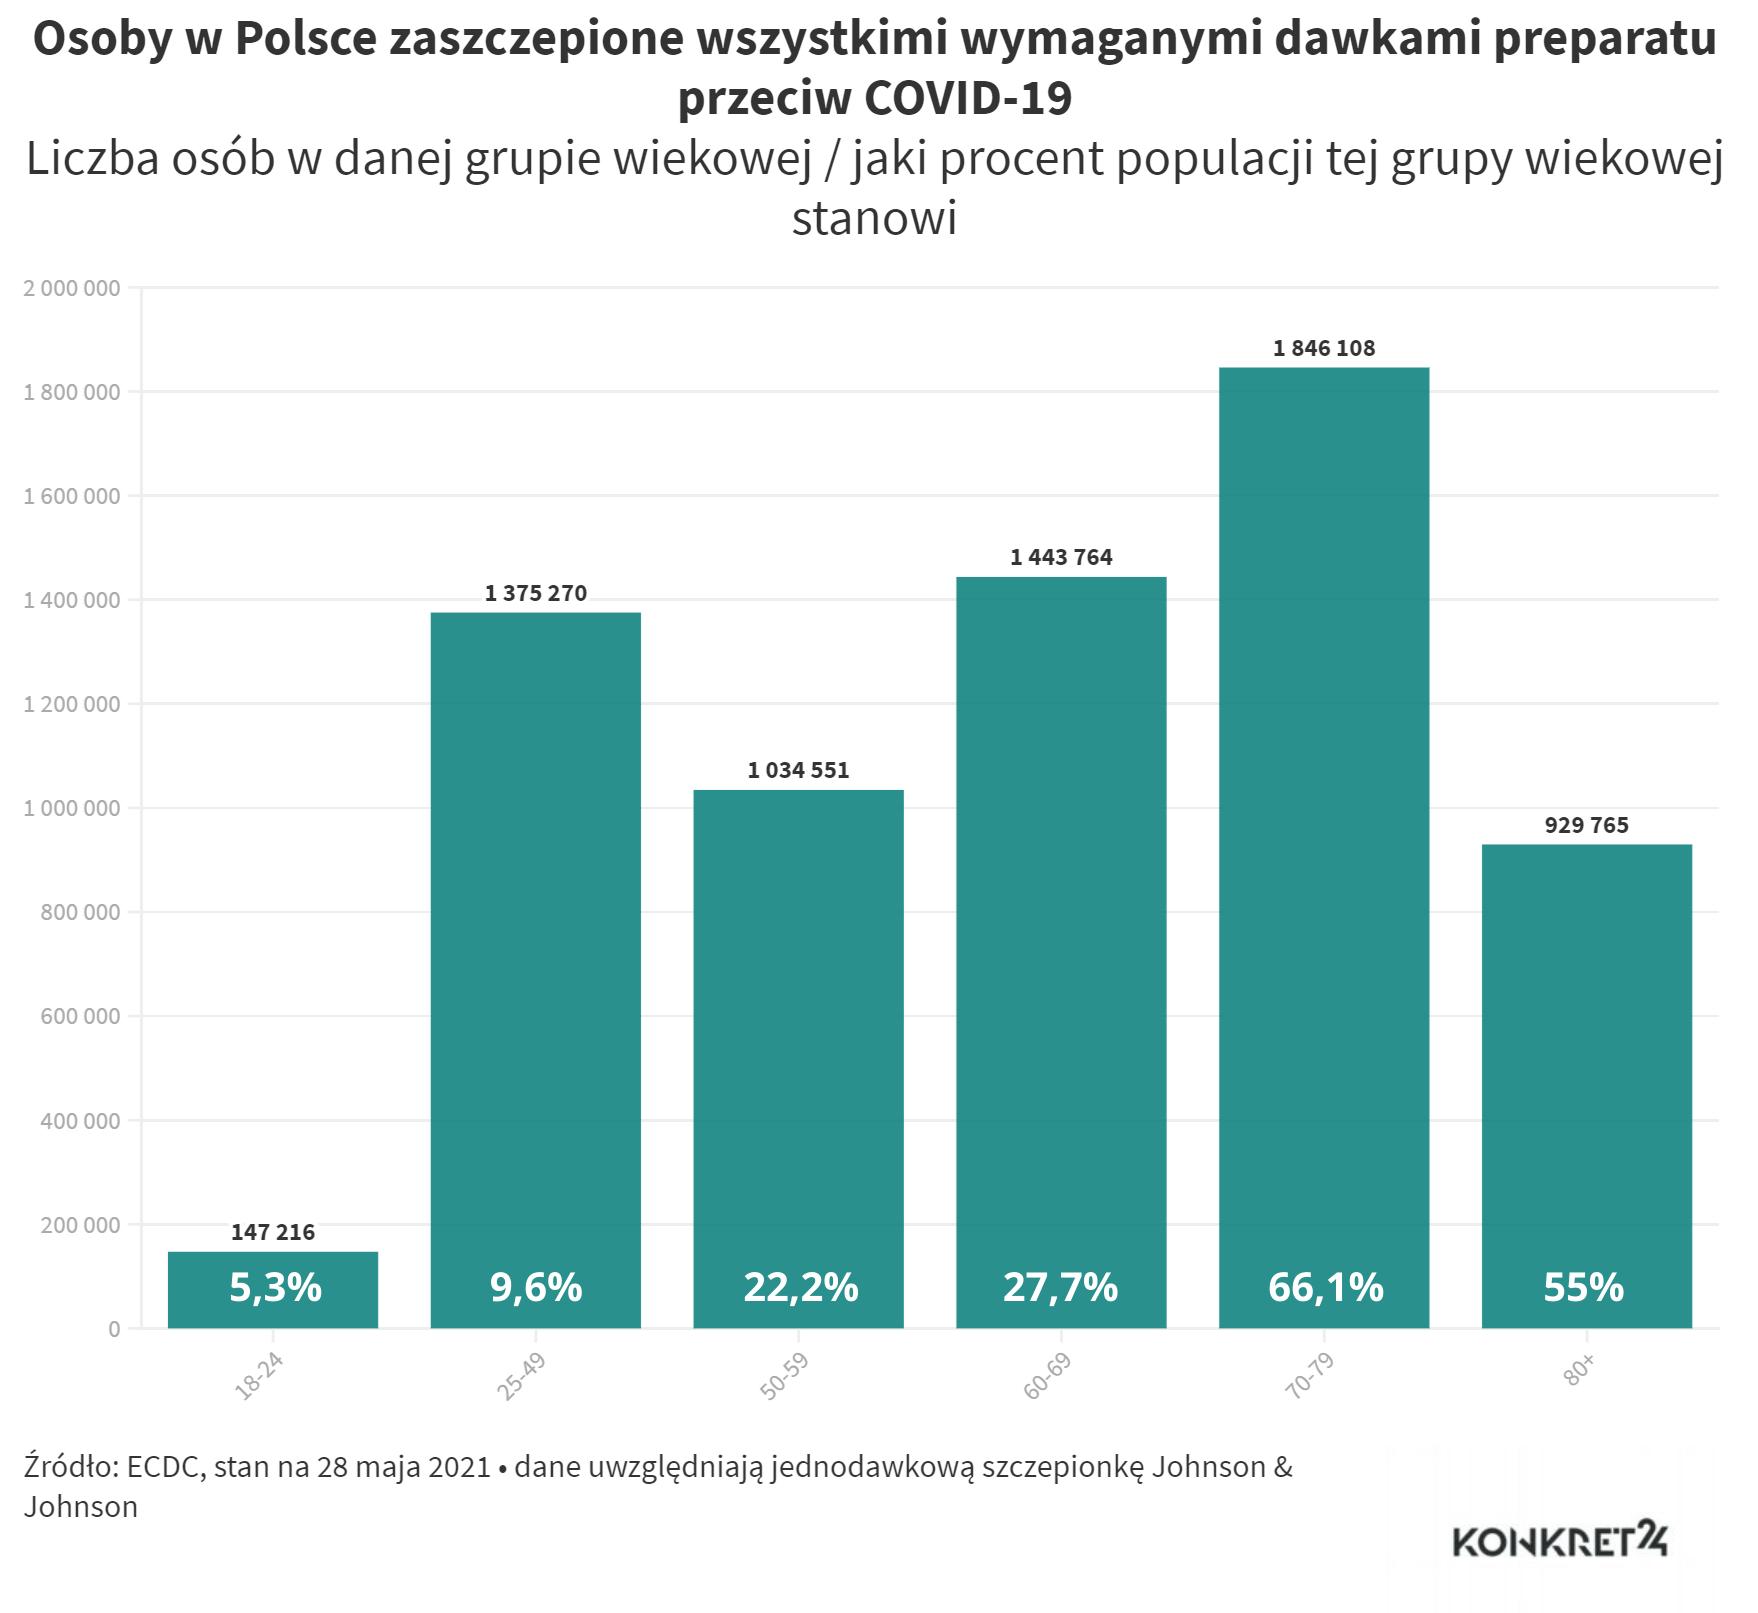 Osoby w Polsce zaszczepione wszystkimi wymaganymi dawkami preparatu przeciw COVID-19 (stan na 28 maja 2021)